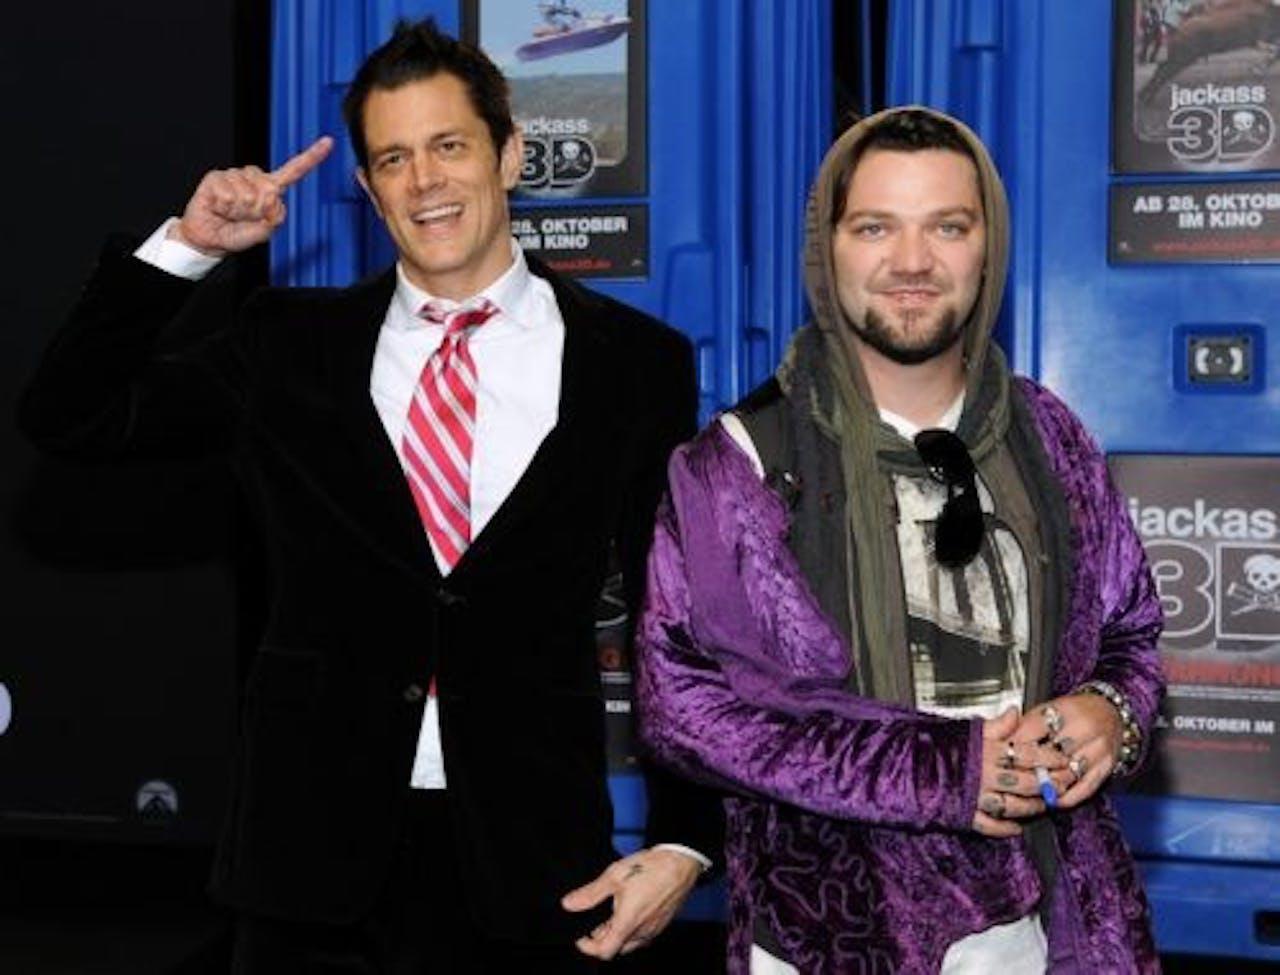 Bam Margera (R) en Jackass-collega Johnny Knoxville. EPA